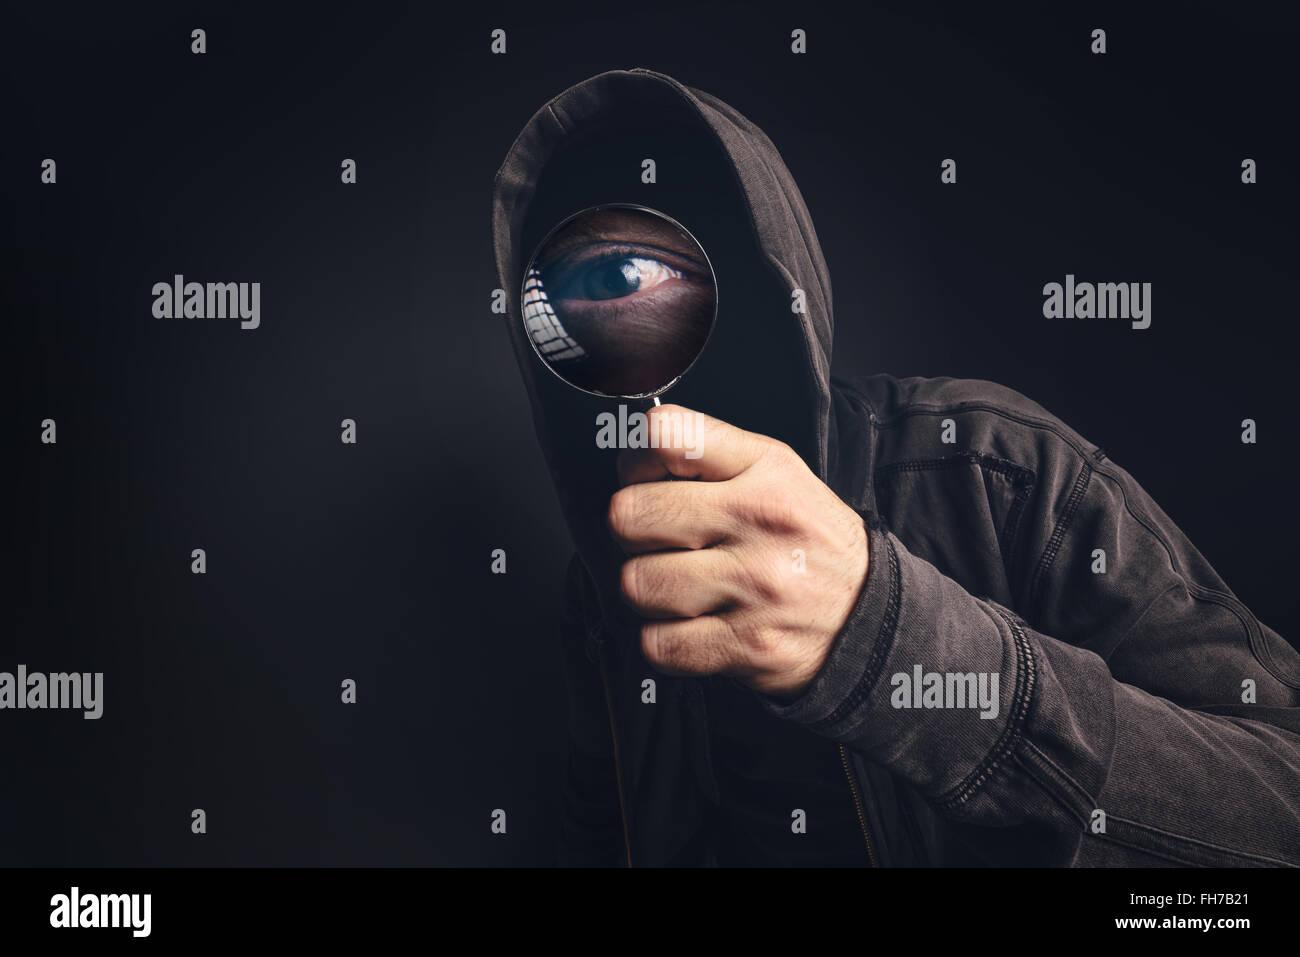 Bizarre Kapuzen gruselige Person mit Lupe, Fokus auf vergrößerte Augen spähen Sie Stockbild